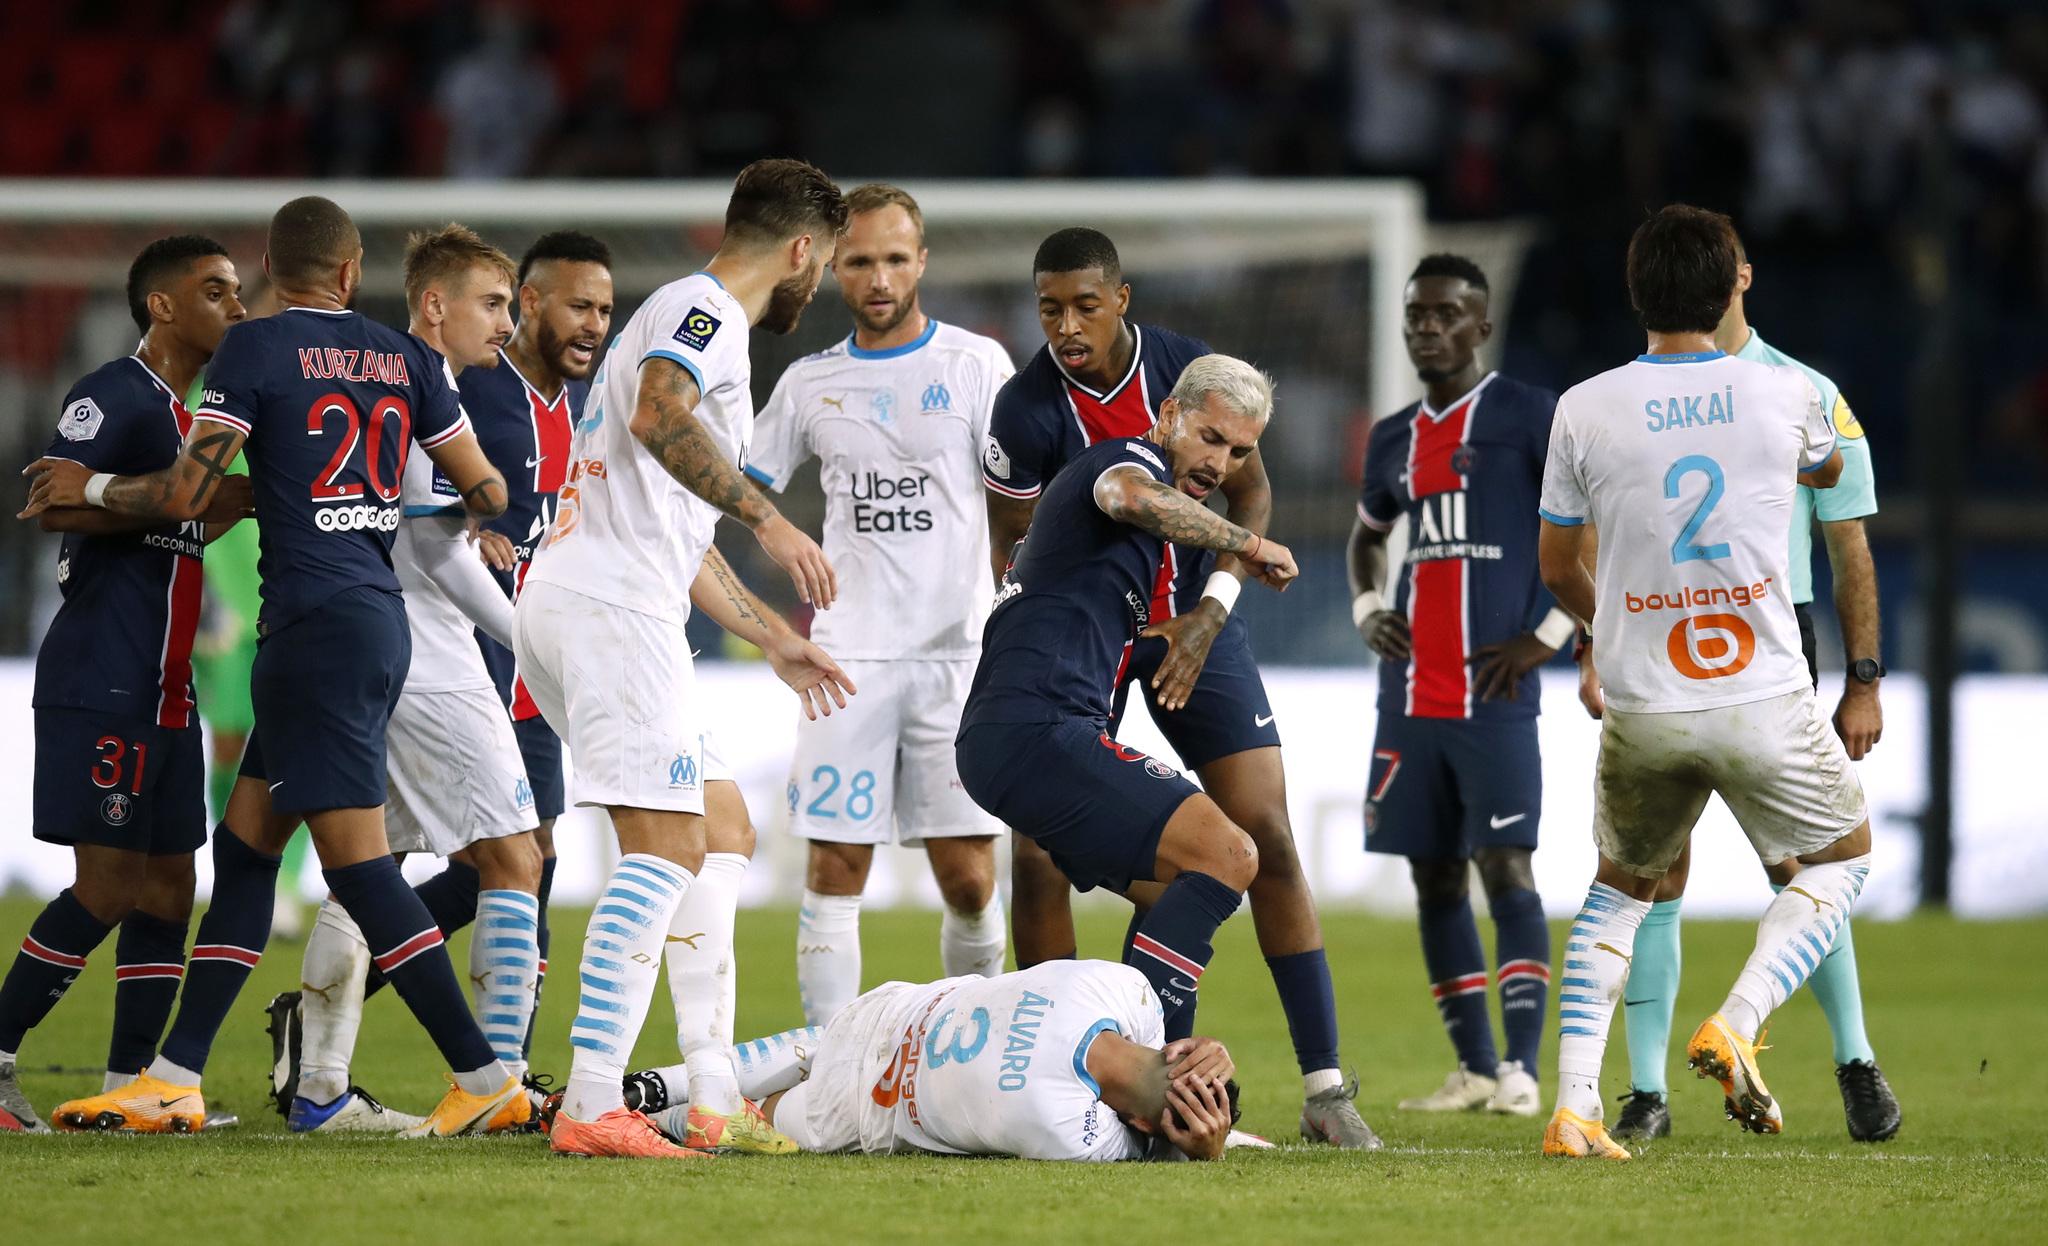 PSG vs Marsella: El PSG pierde ante el Marsella en un Clásico vergonzoso  con cinco expulsados - Ligue 1